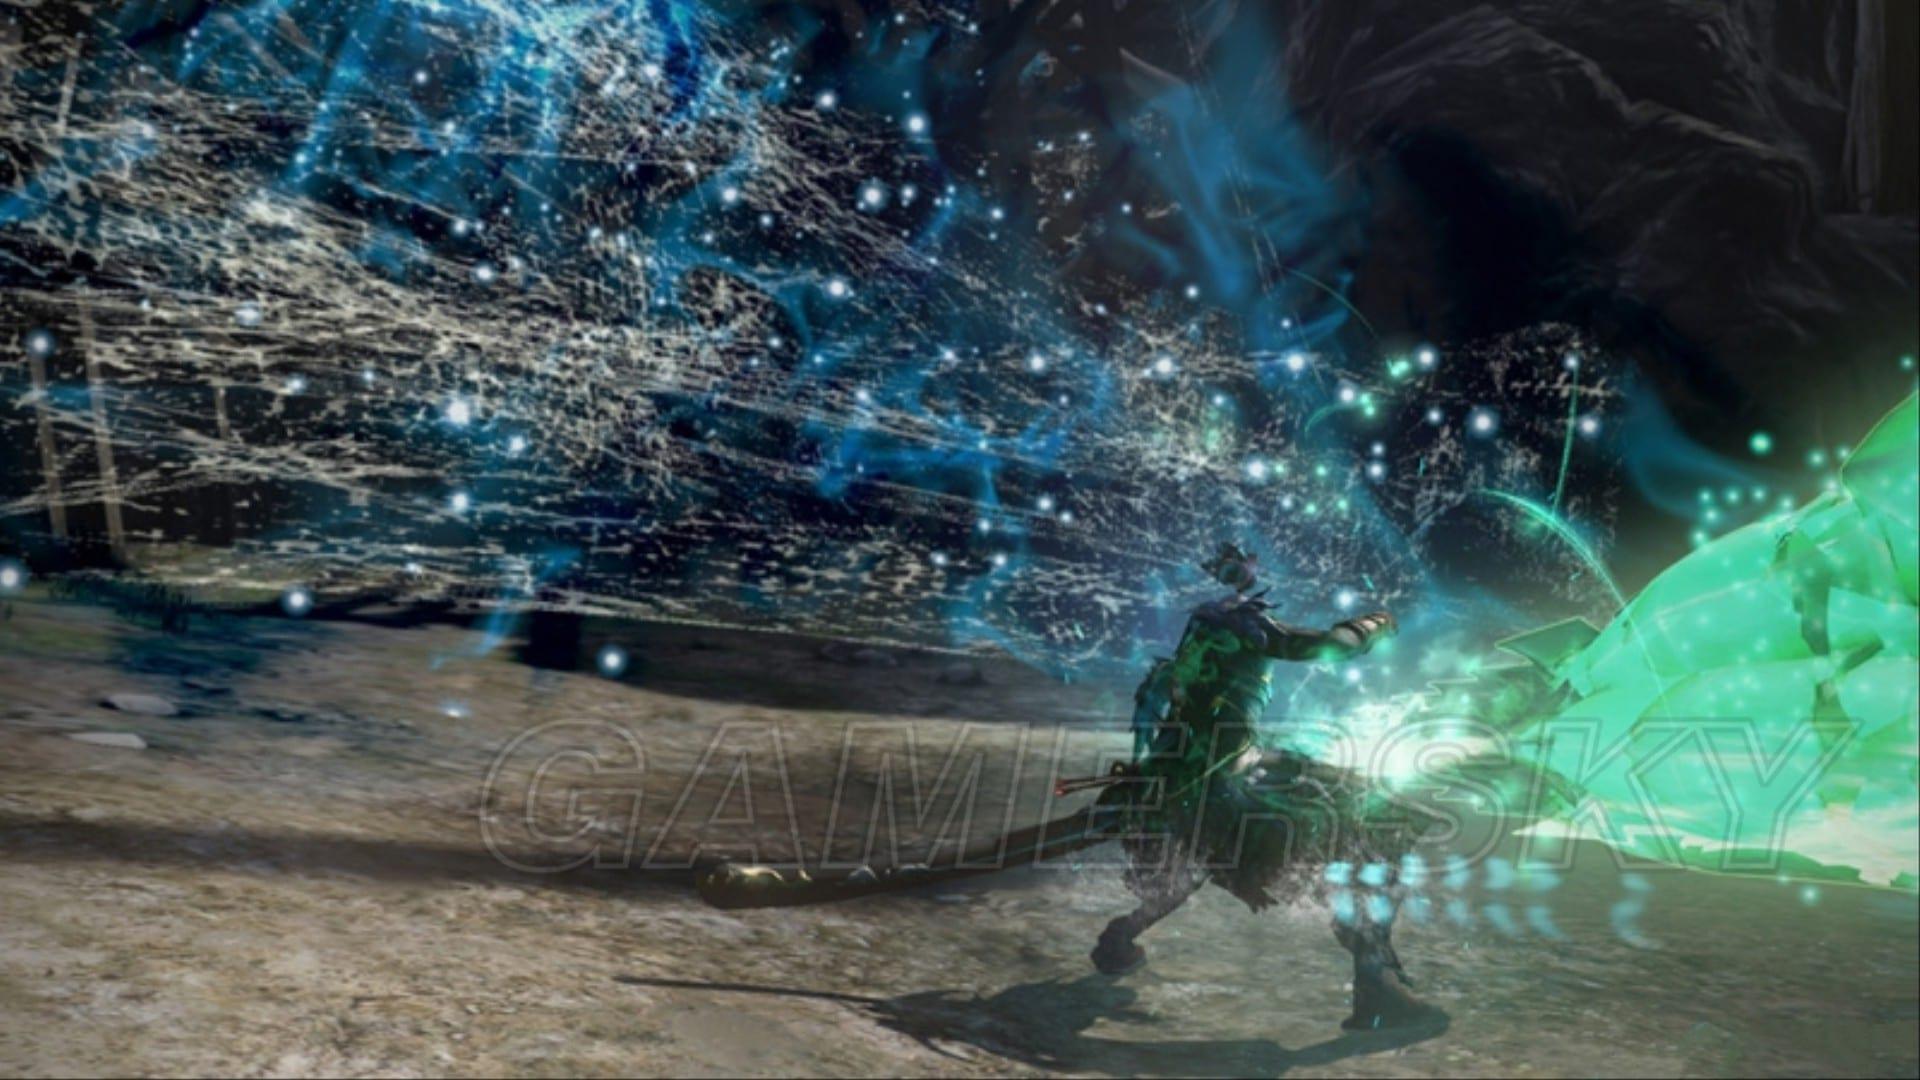 討鬼傳2 新角色及武器動作等內容圖文分析